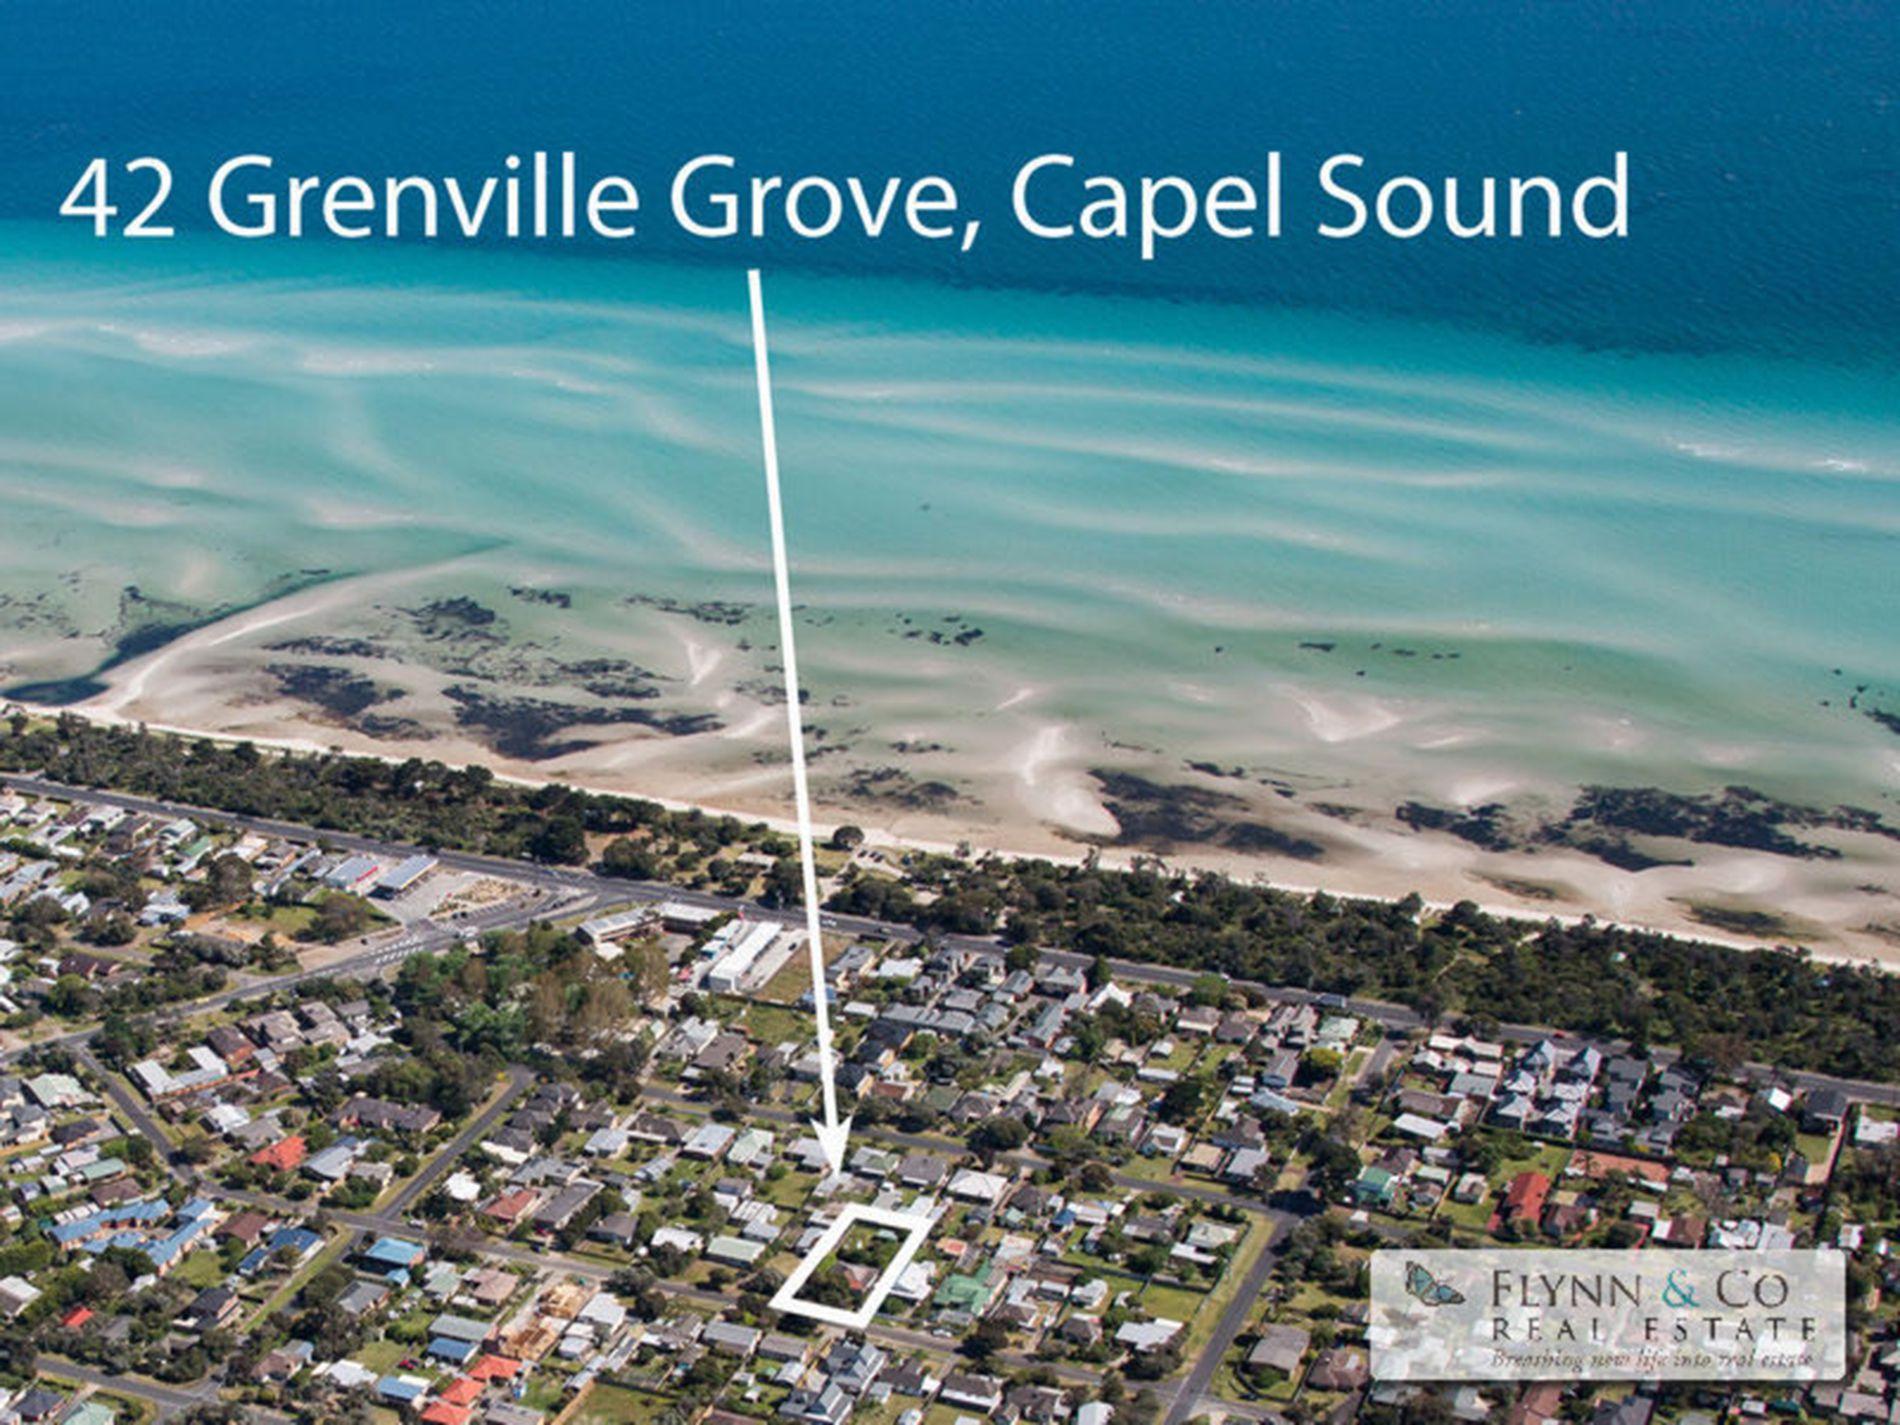 2 / 42 Grenville Grove, Capel Sound